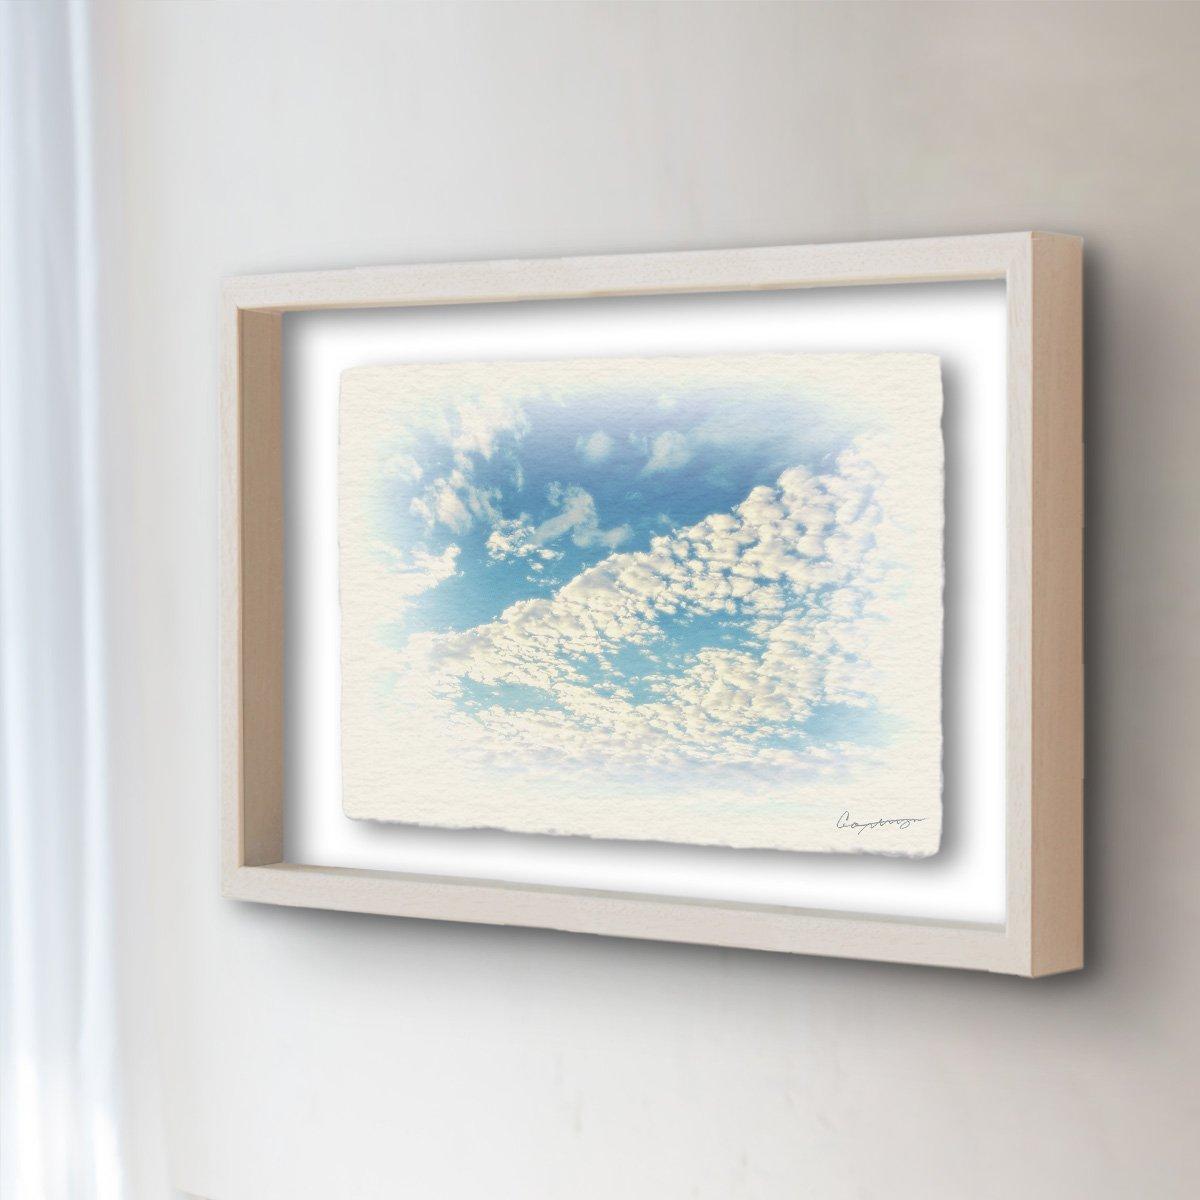 和紙 アートフレーム 「青空に輝くうろこ雲」 (83x64cm) 絵 絵画 壁掛け 壁飾り 額縁 インテリア アート B074XJYP6P 26.アートフレーム(長辺83cm) 240000円|青空に輝くうろこ雲 青空に輝くうろこ雲 26.アートフレーム(長辺83cm) 240000円